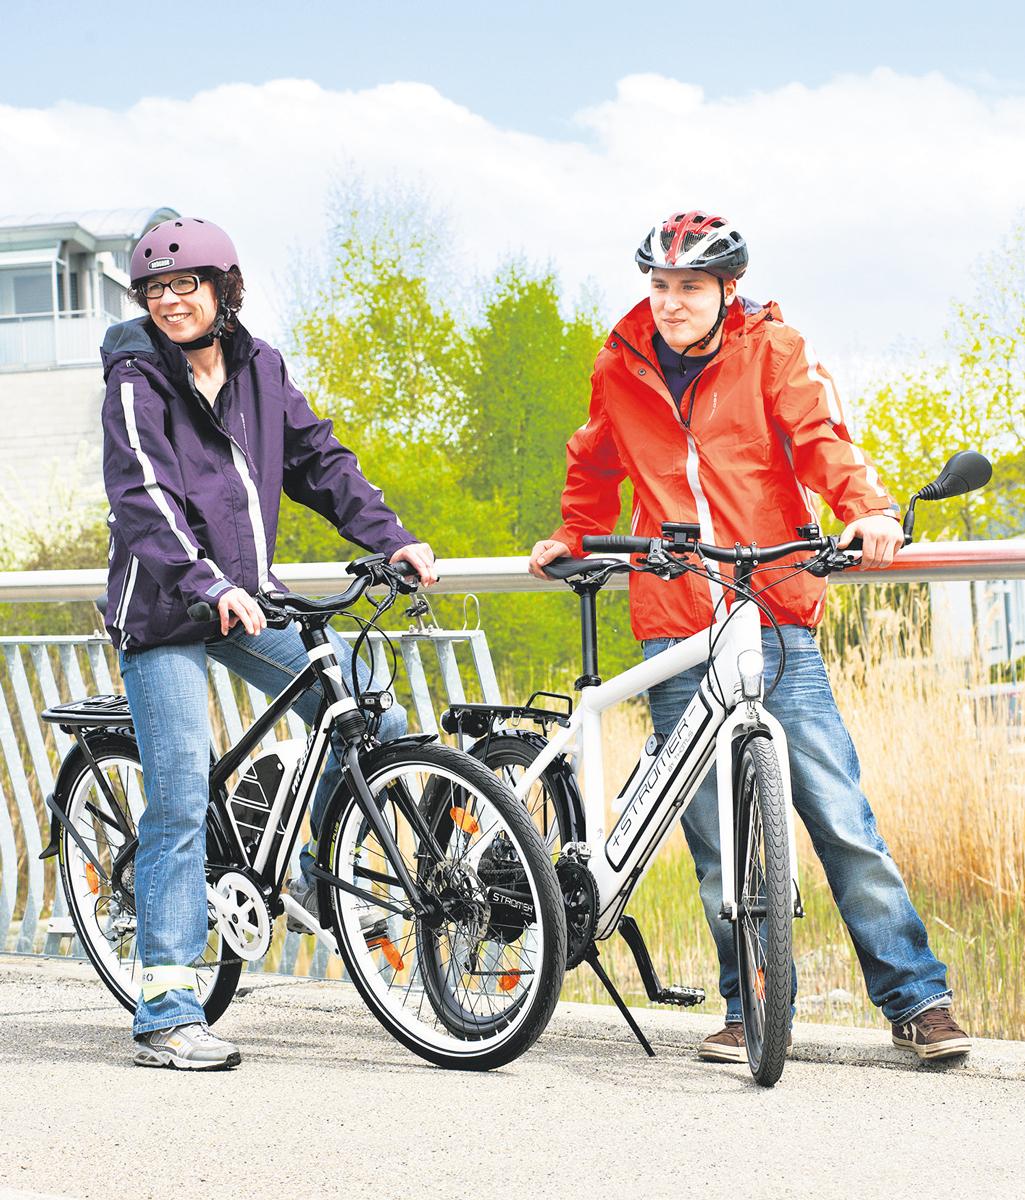 Les e-bikes à 45 km/h, pas de simples cycles